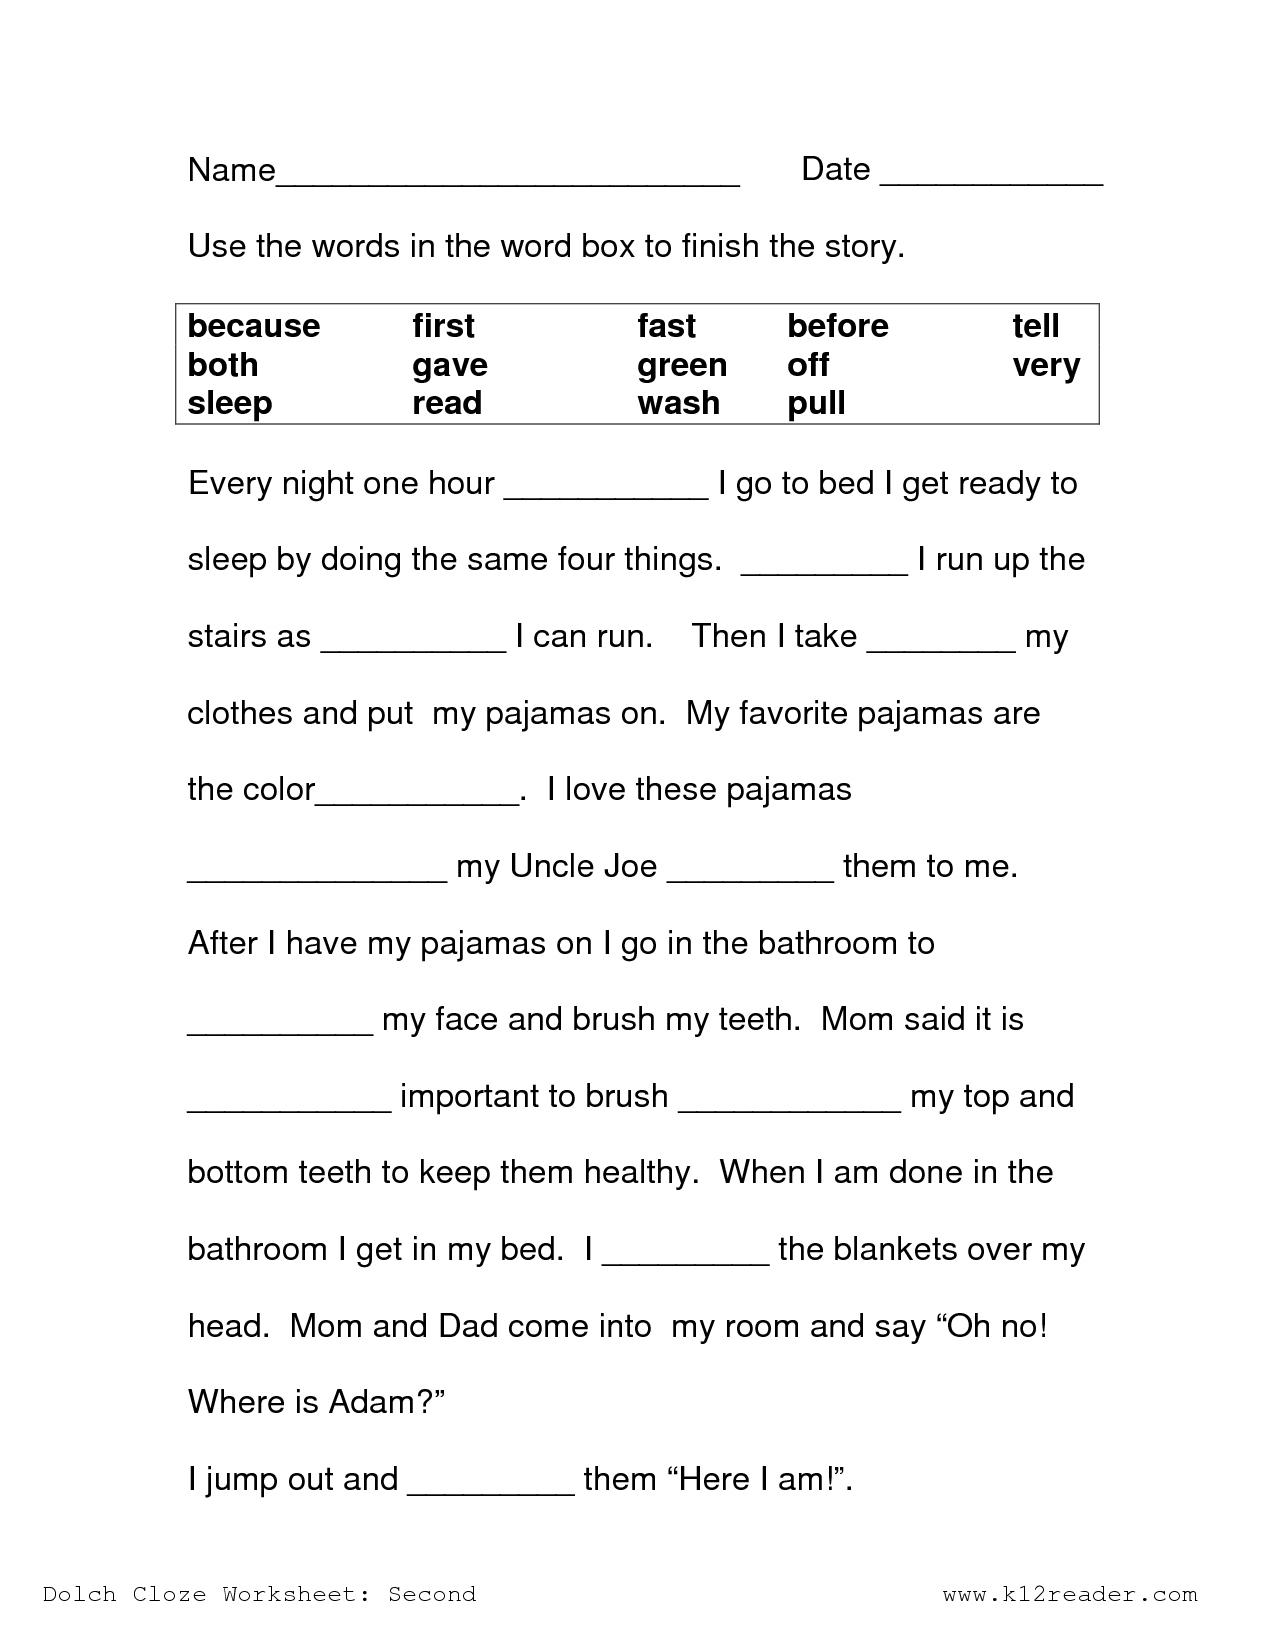 Math Worksheet: 2Nd Grade Science Worksheets Free Printable Easy | Printable Science Worksheets For 2Nd Grade